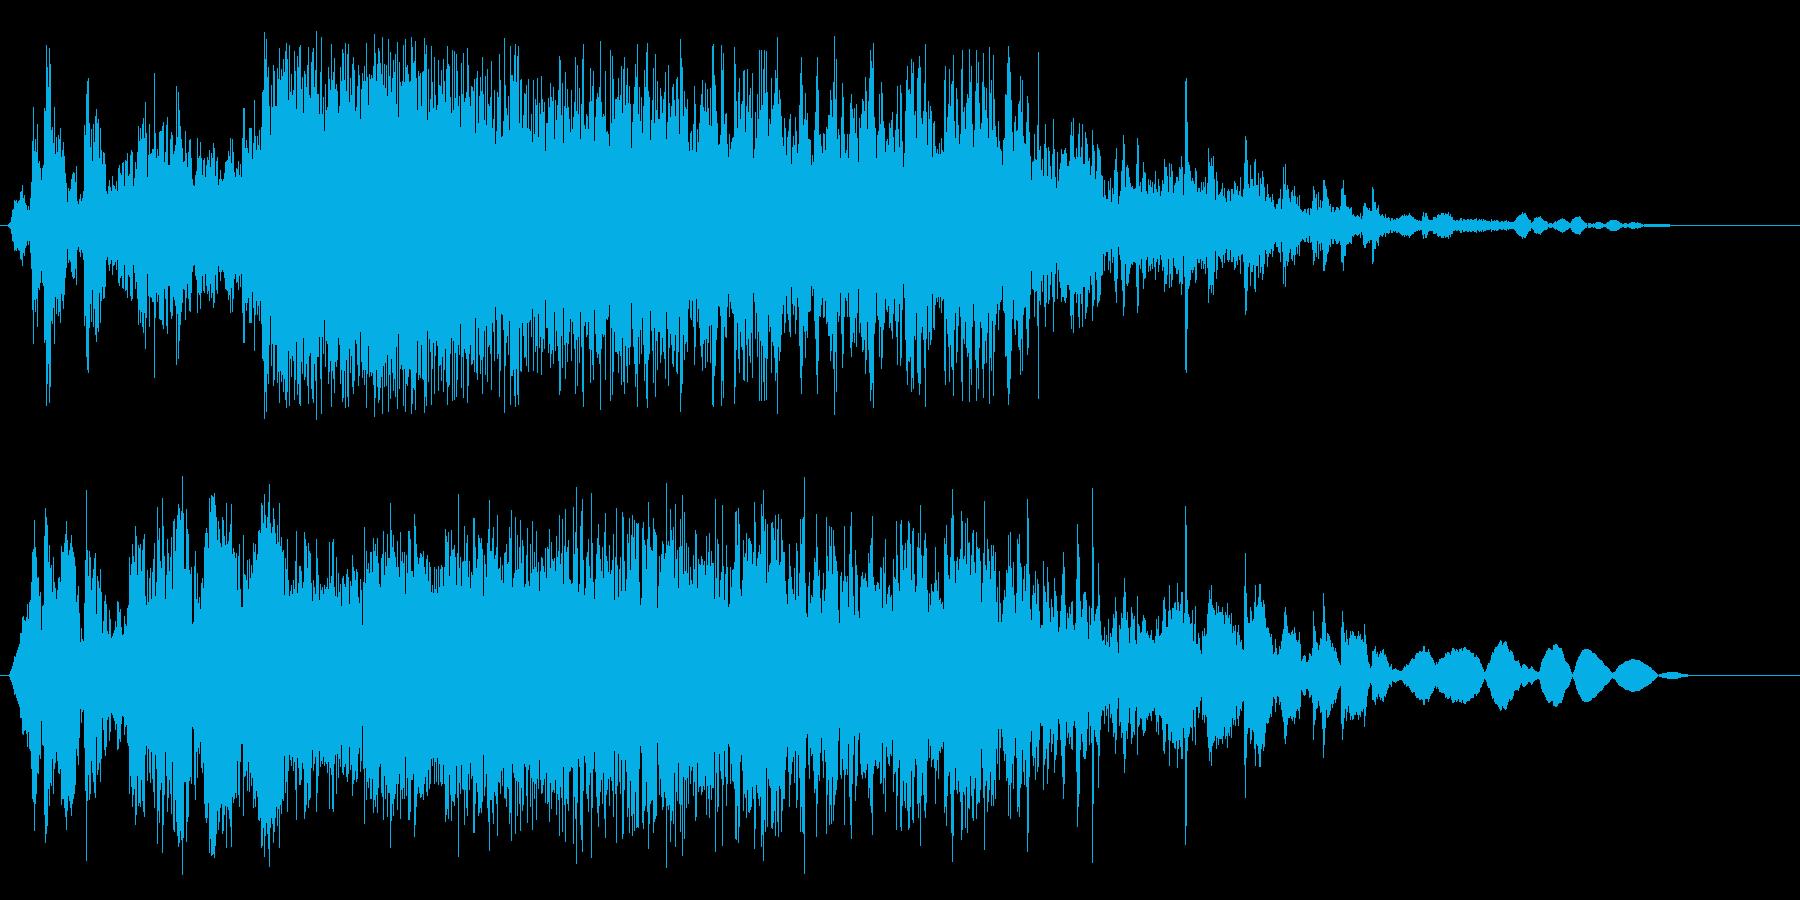 お米を入れる音の効果音の再生済みの波形